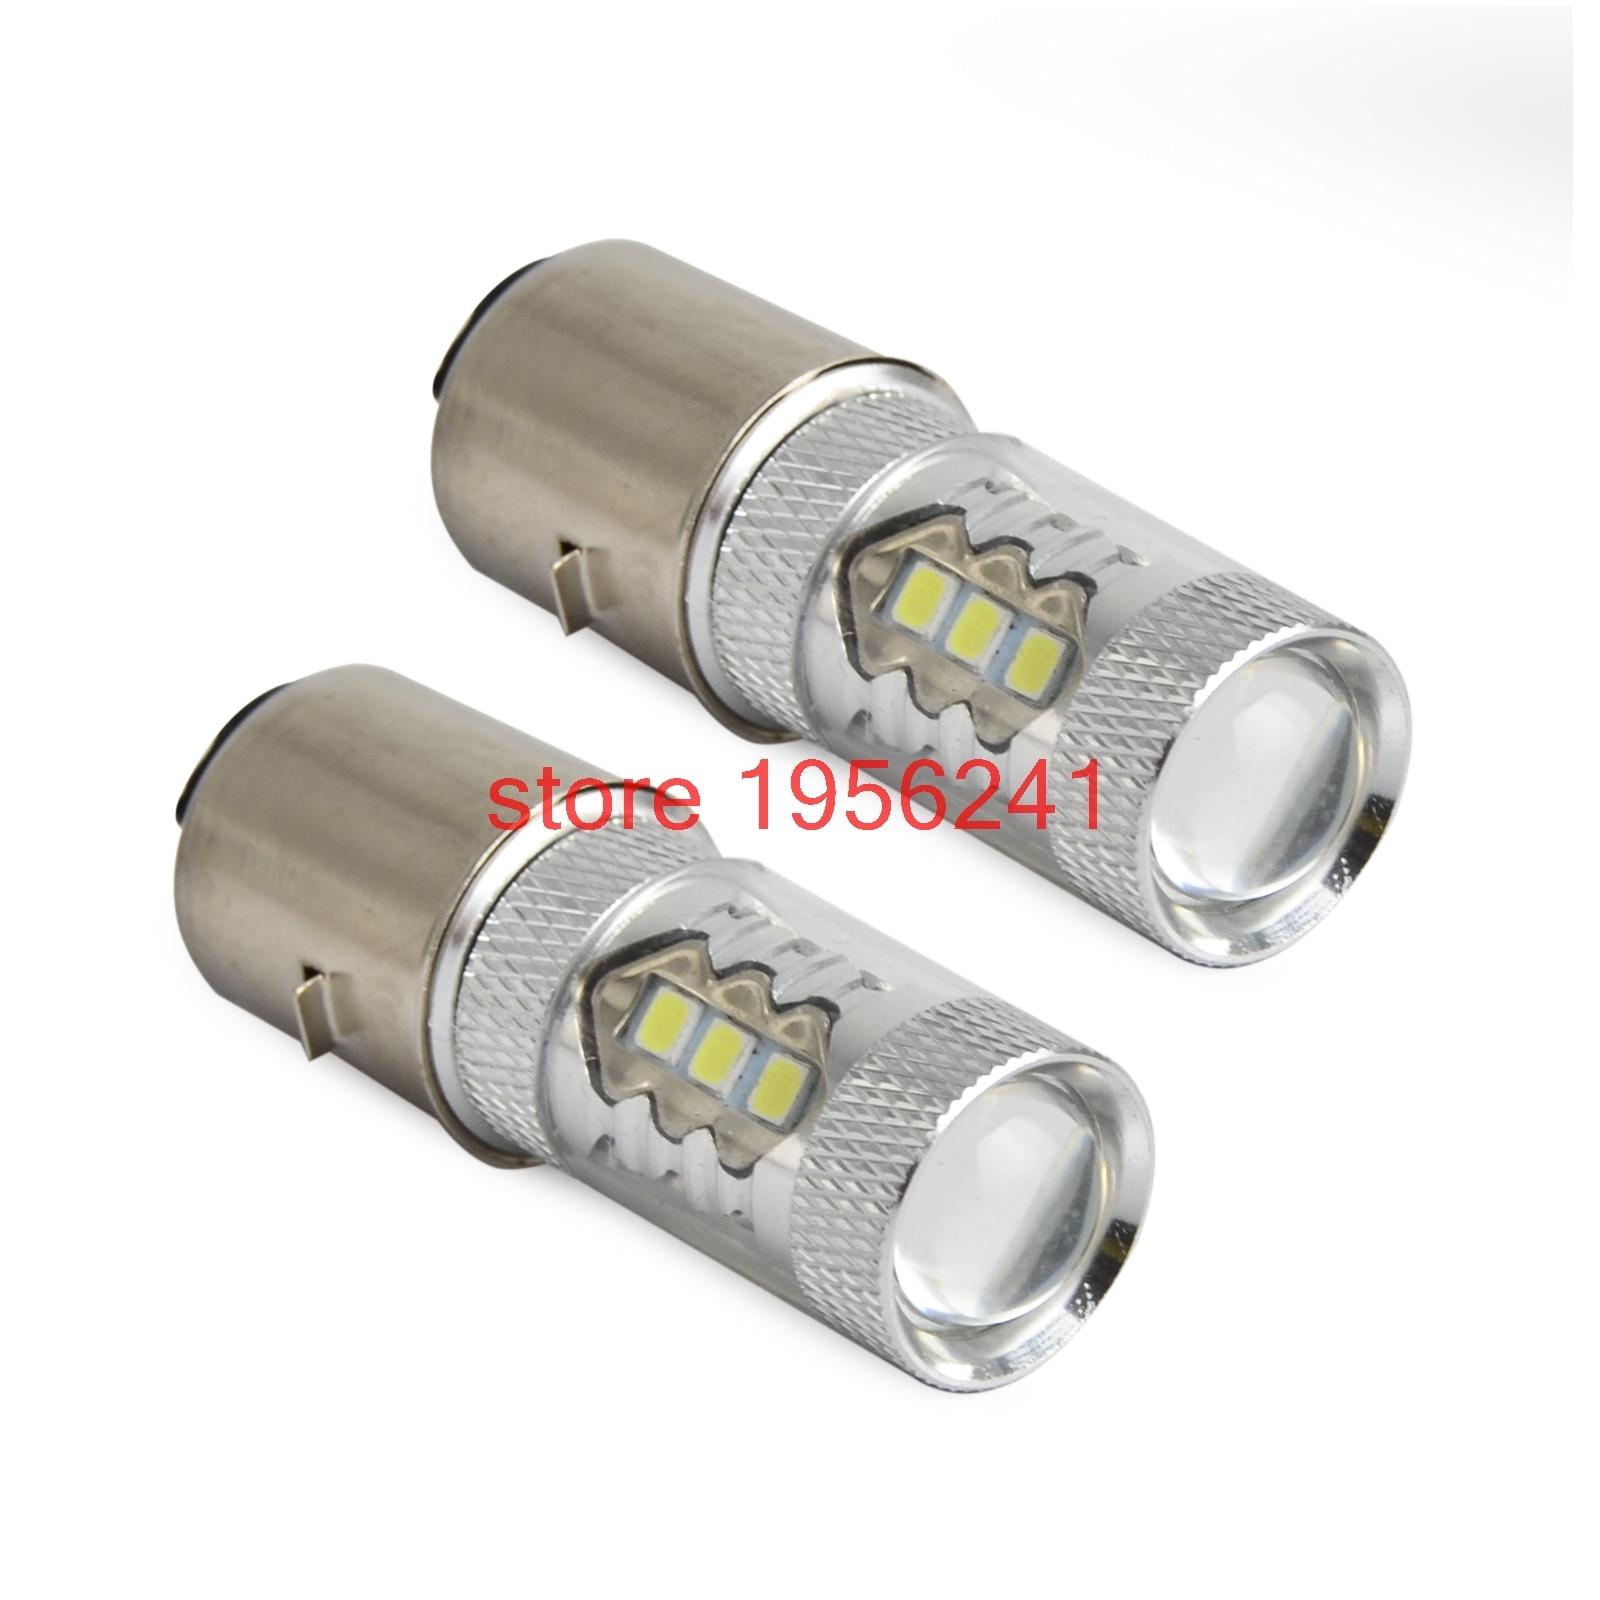 2-Pcs-80W-12V-BA20D-H6-White-High-Power-LED-Low-Beam-Headlight-Bulb-Motorcycle-For Elegantes High Power Led Dekorationen